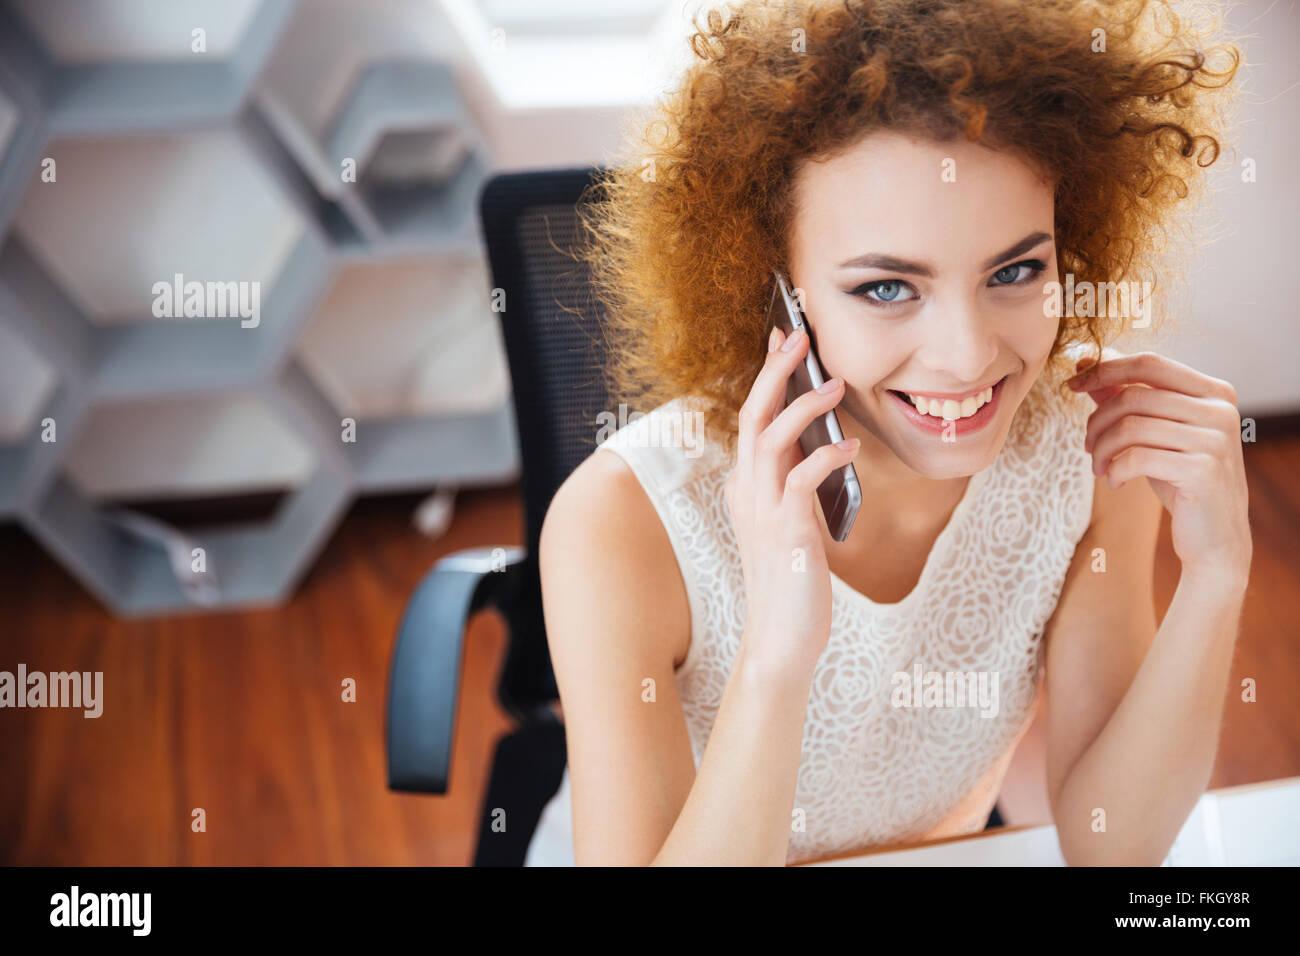 Sorridente bella donna d'affari con ricci capelli rossi parlando al telefono cellulare sul posto di lavoro in Immagini Stock